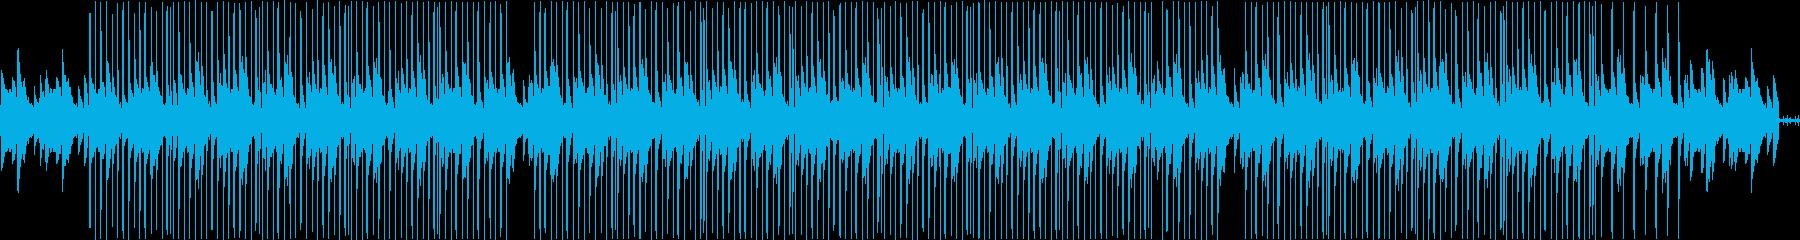 【チル】家で流したいLoFIヒップホップの再生済みの波形